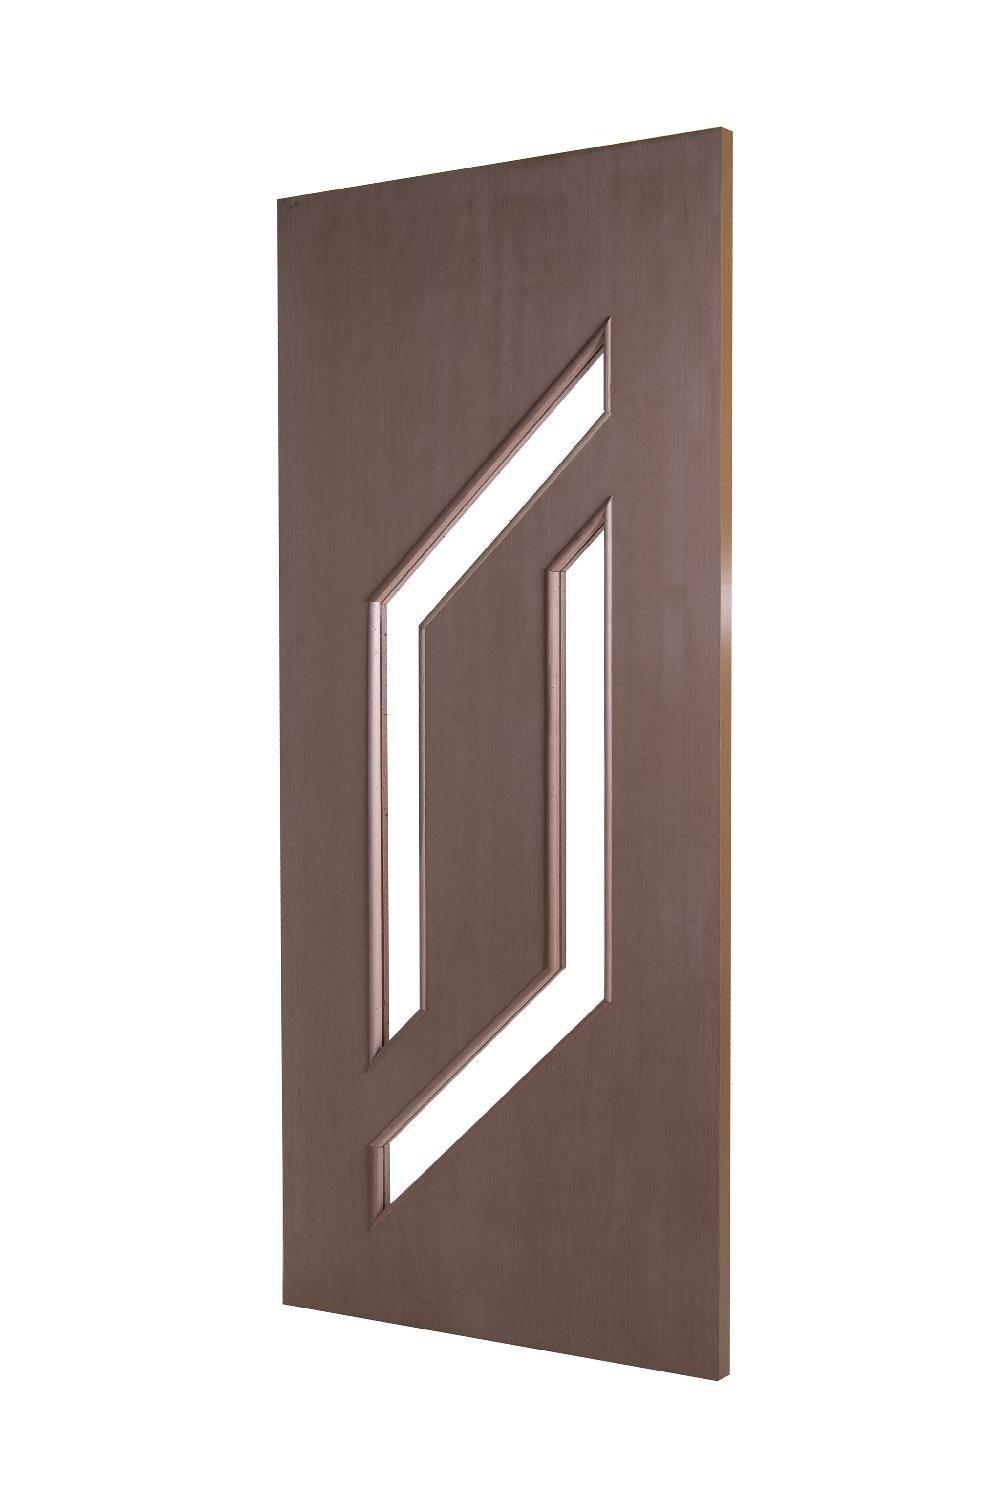 Porta Decorativa de Madeira Sólida Ref56 Padrão Imbuia